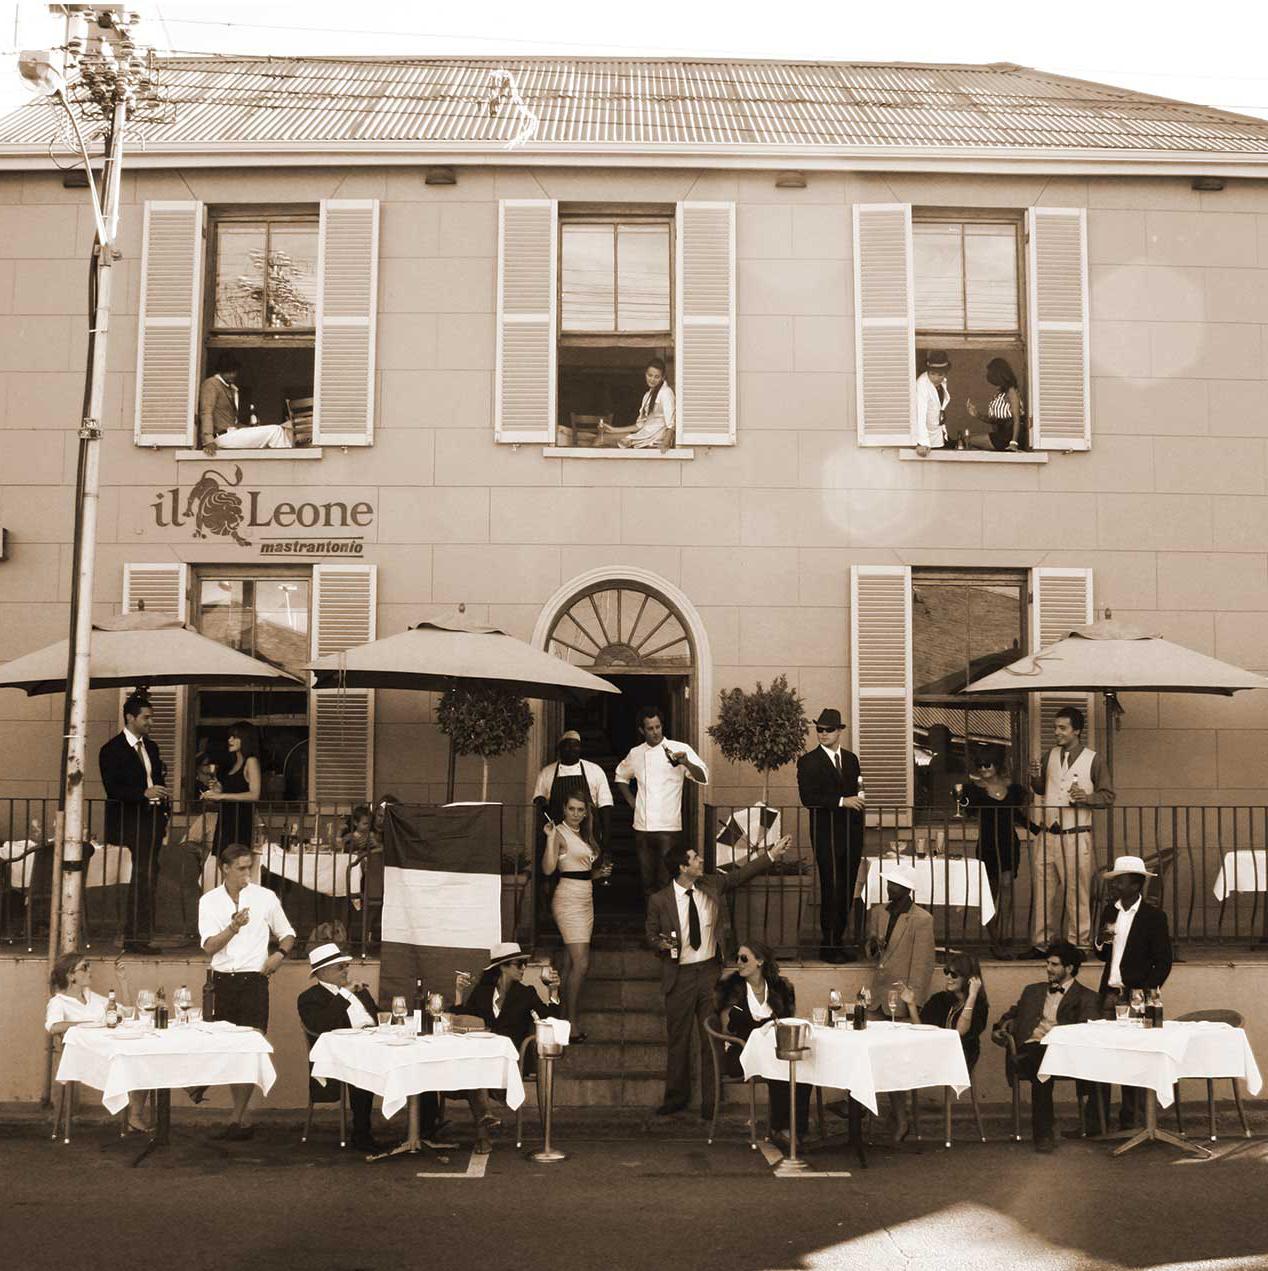 Il Leone restaurant